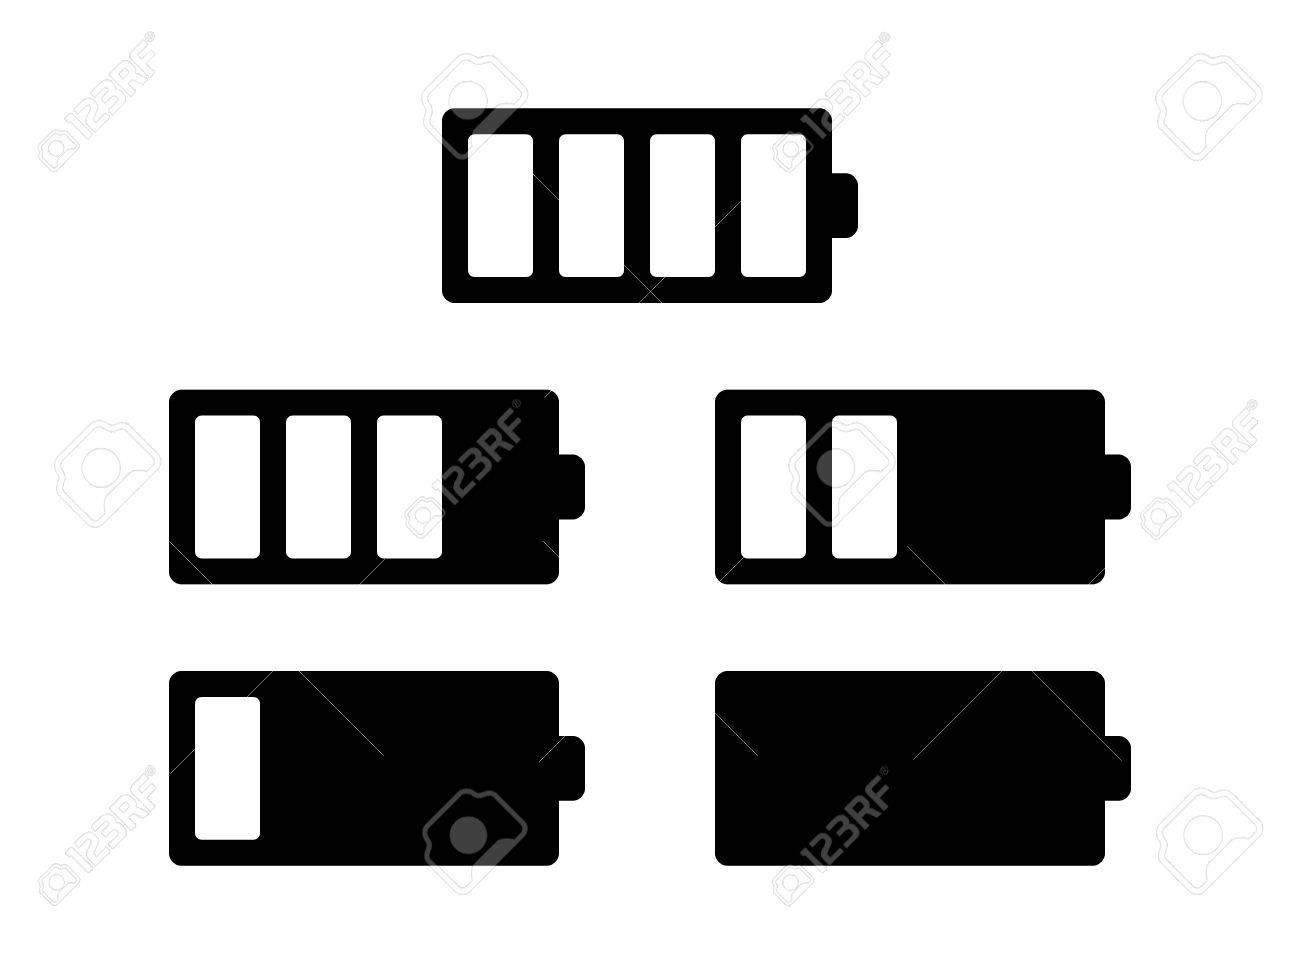 Batteriebetrieb Oder Ladezustand Flach Symbol Für Anwendungen Und ...